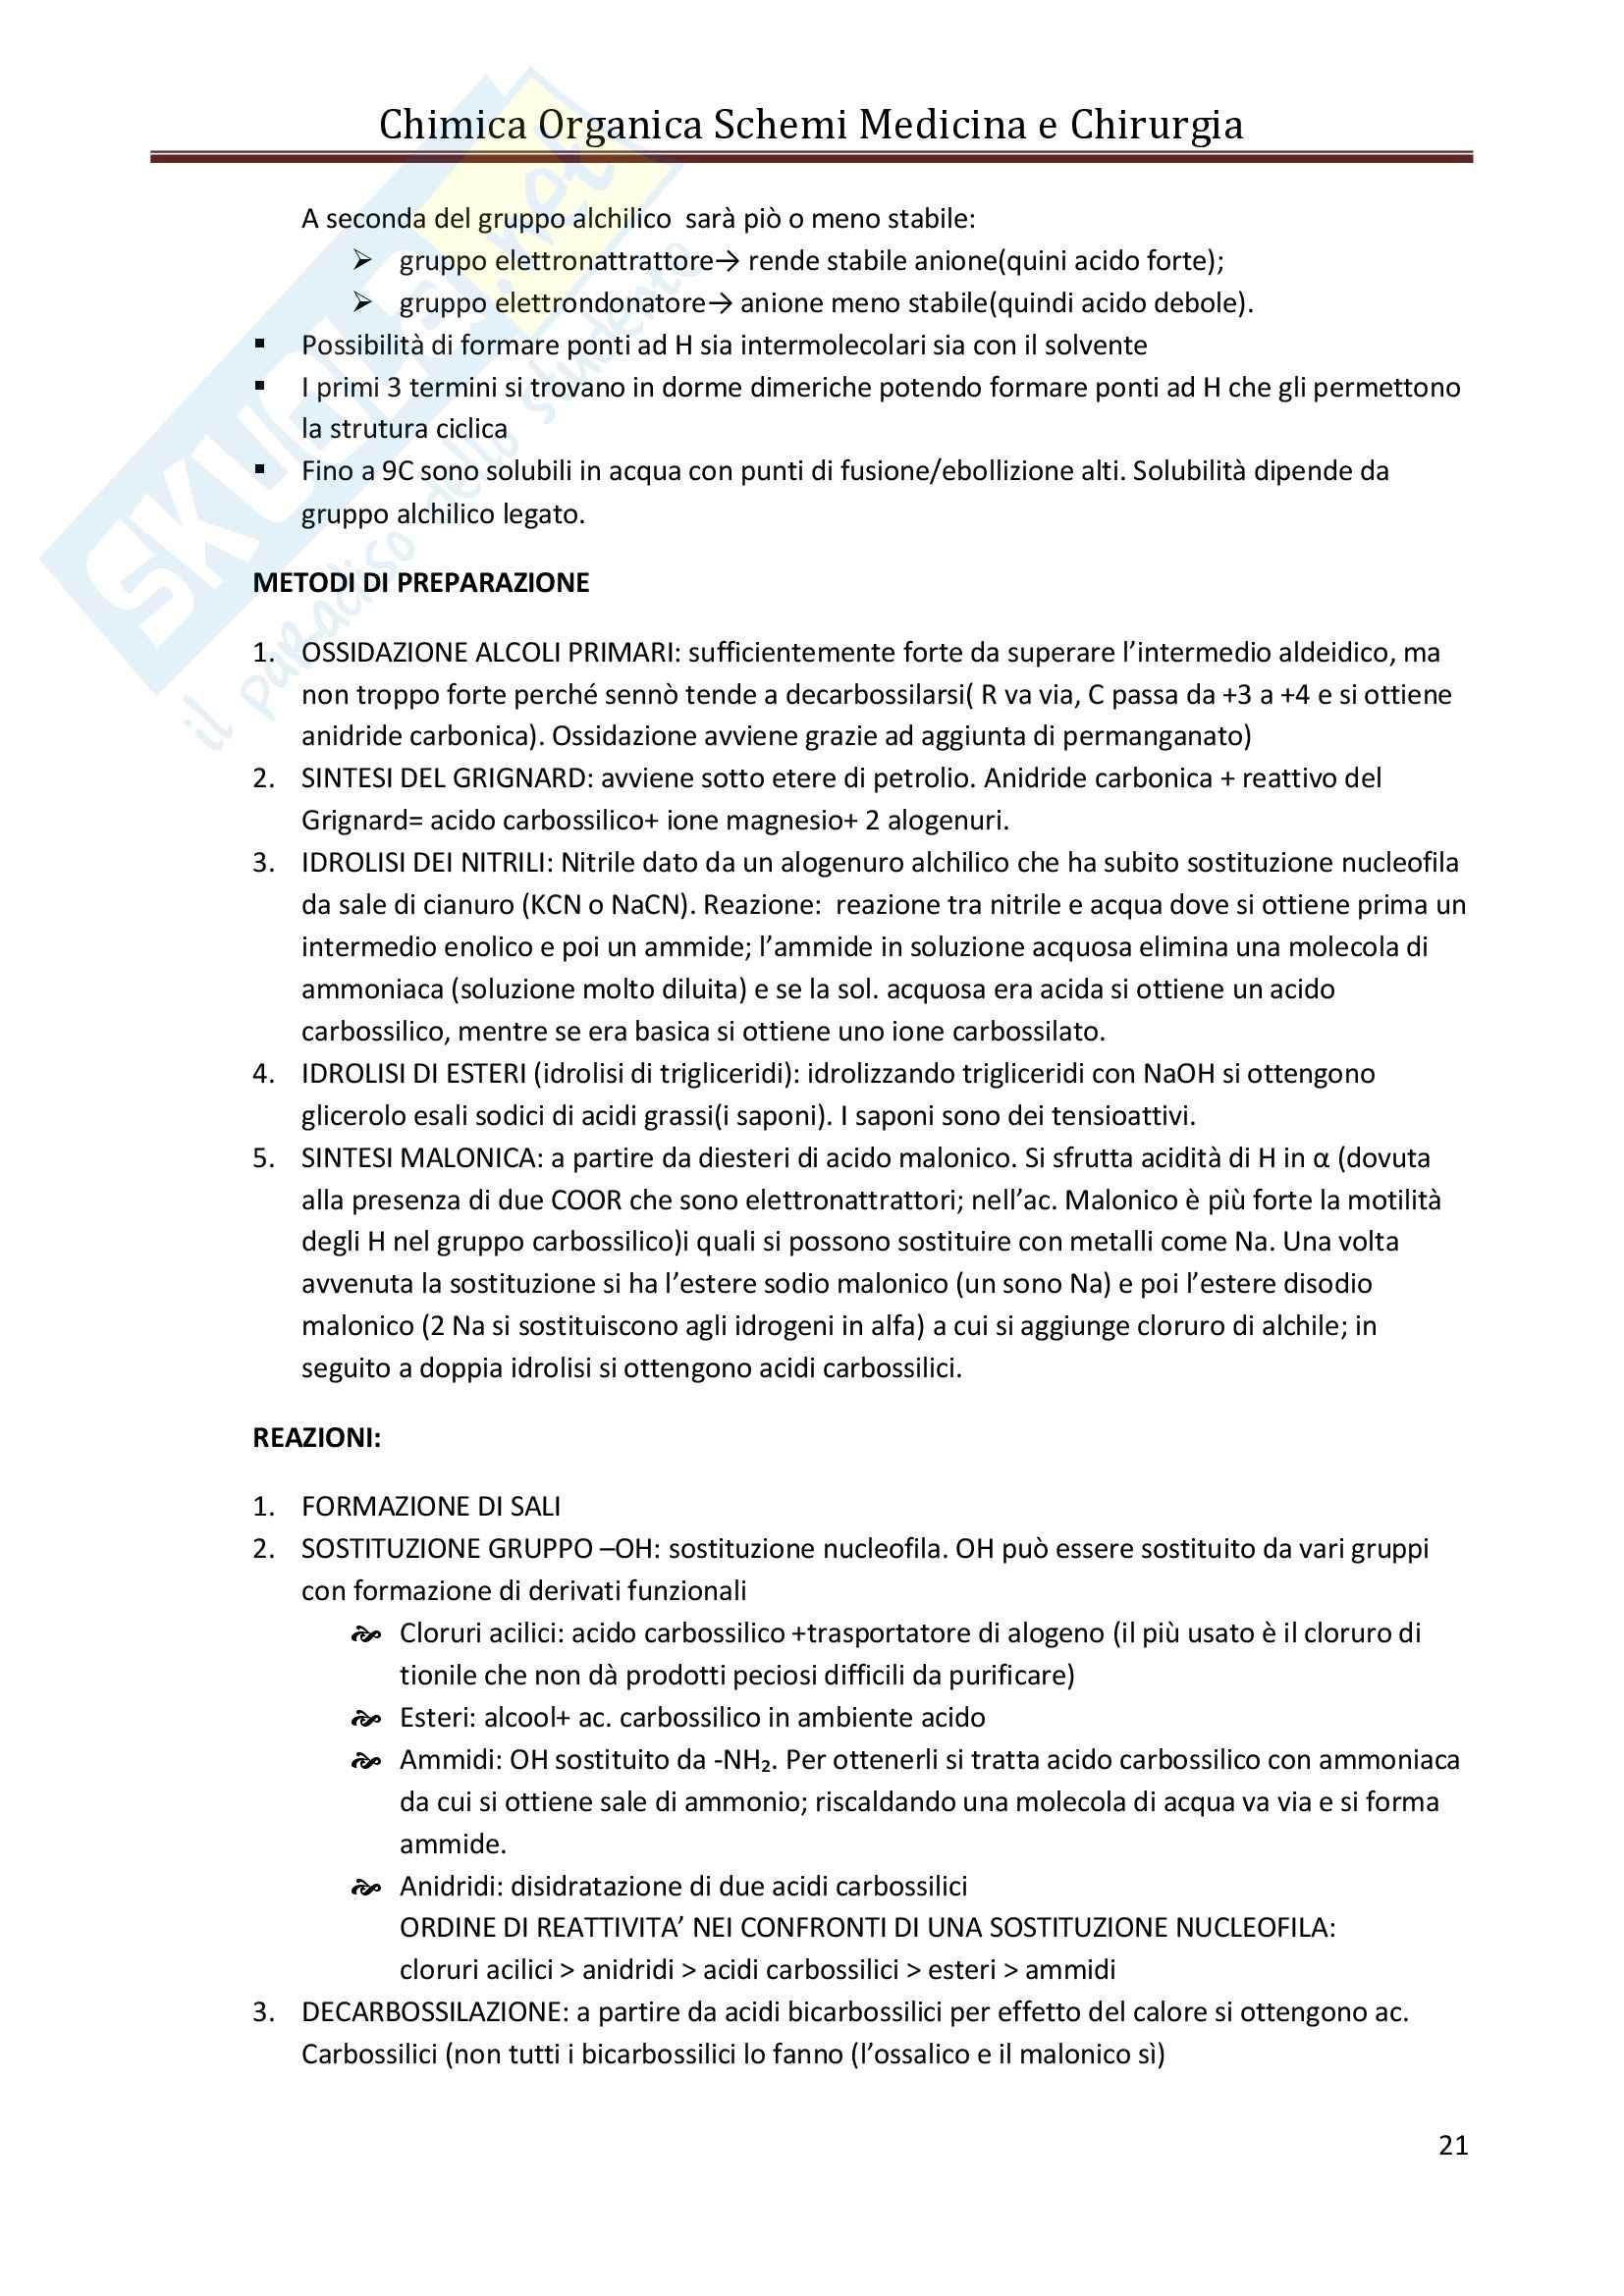 Riassunto esame Chimica, prof. Bianchini, libro consigliato Chimica Organica e Propedeutica a Biochimica Pag. 21